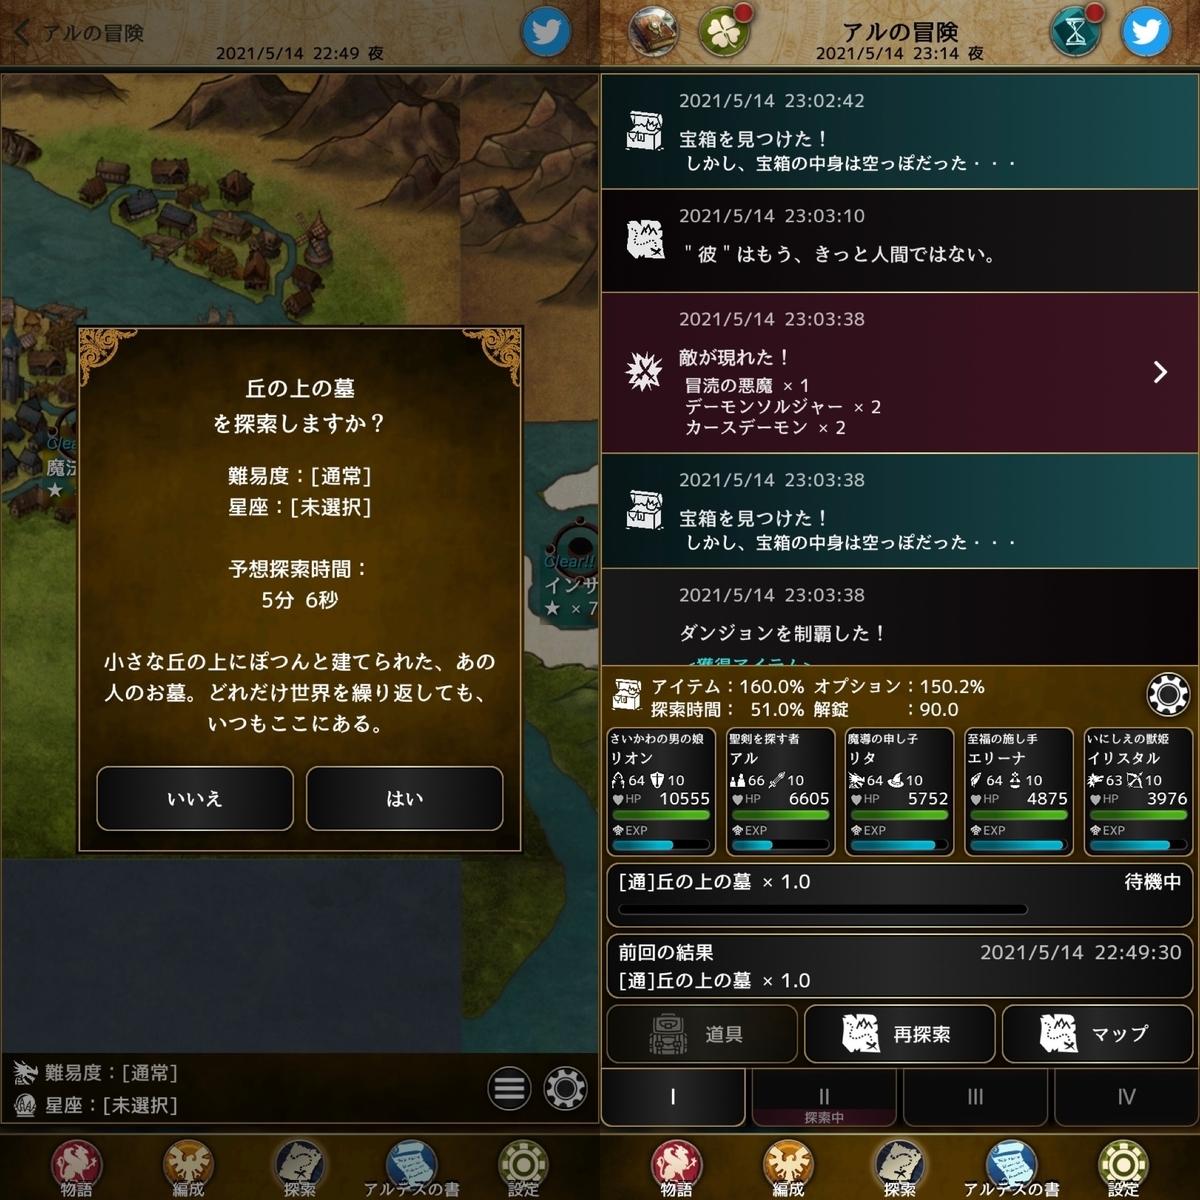 f:id:asamushi:20210519155852j:plain